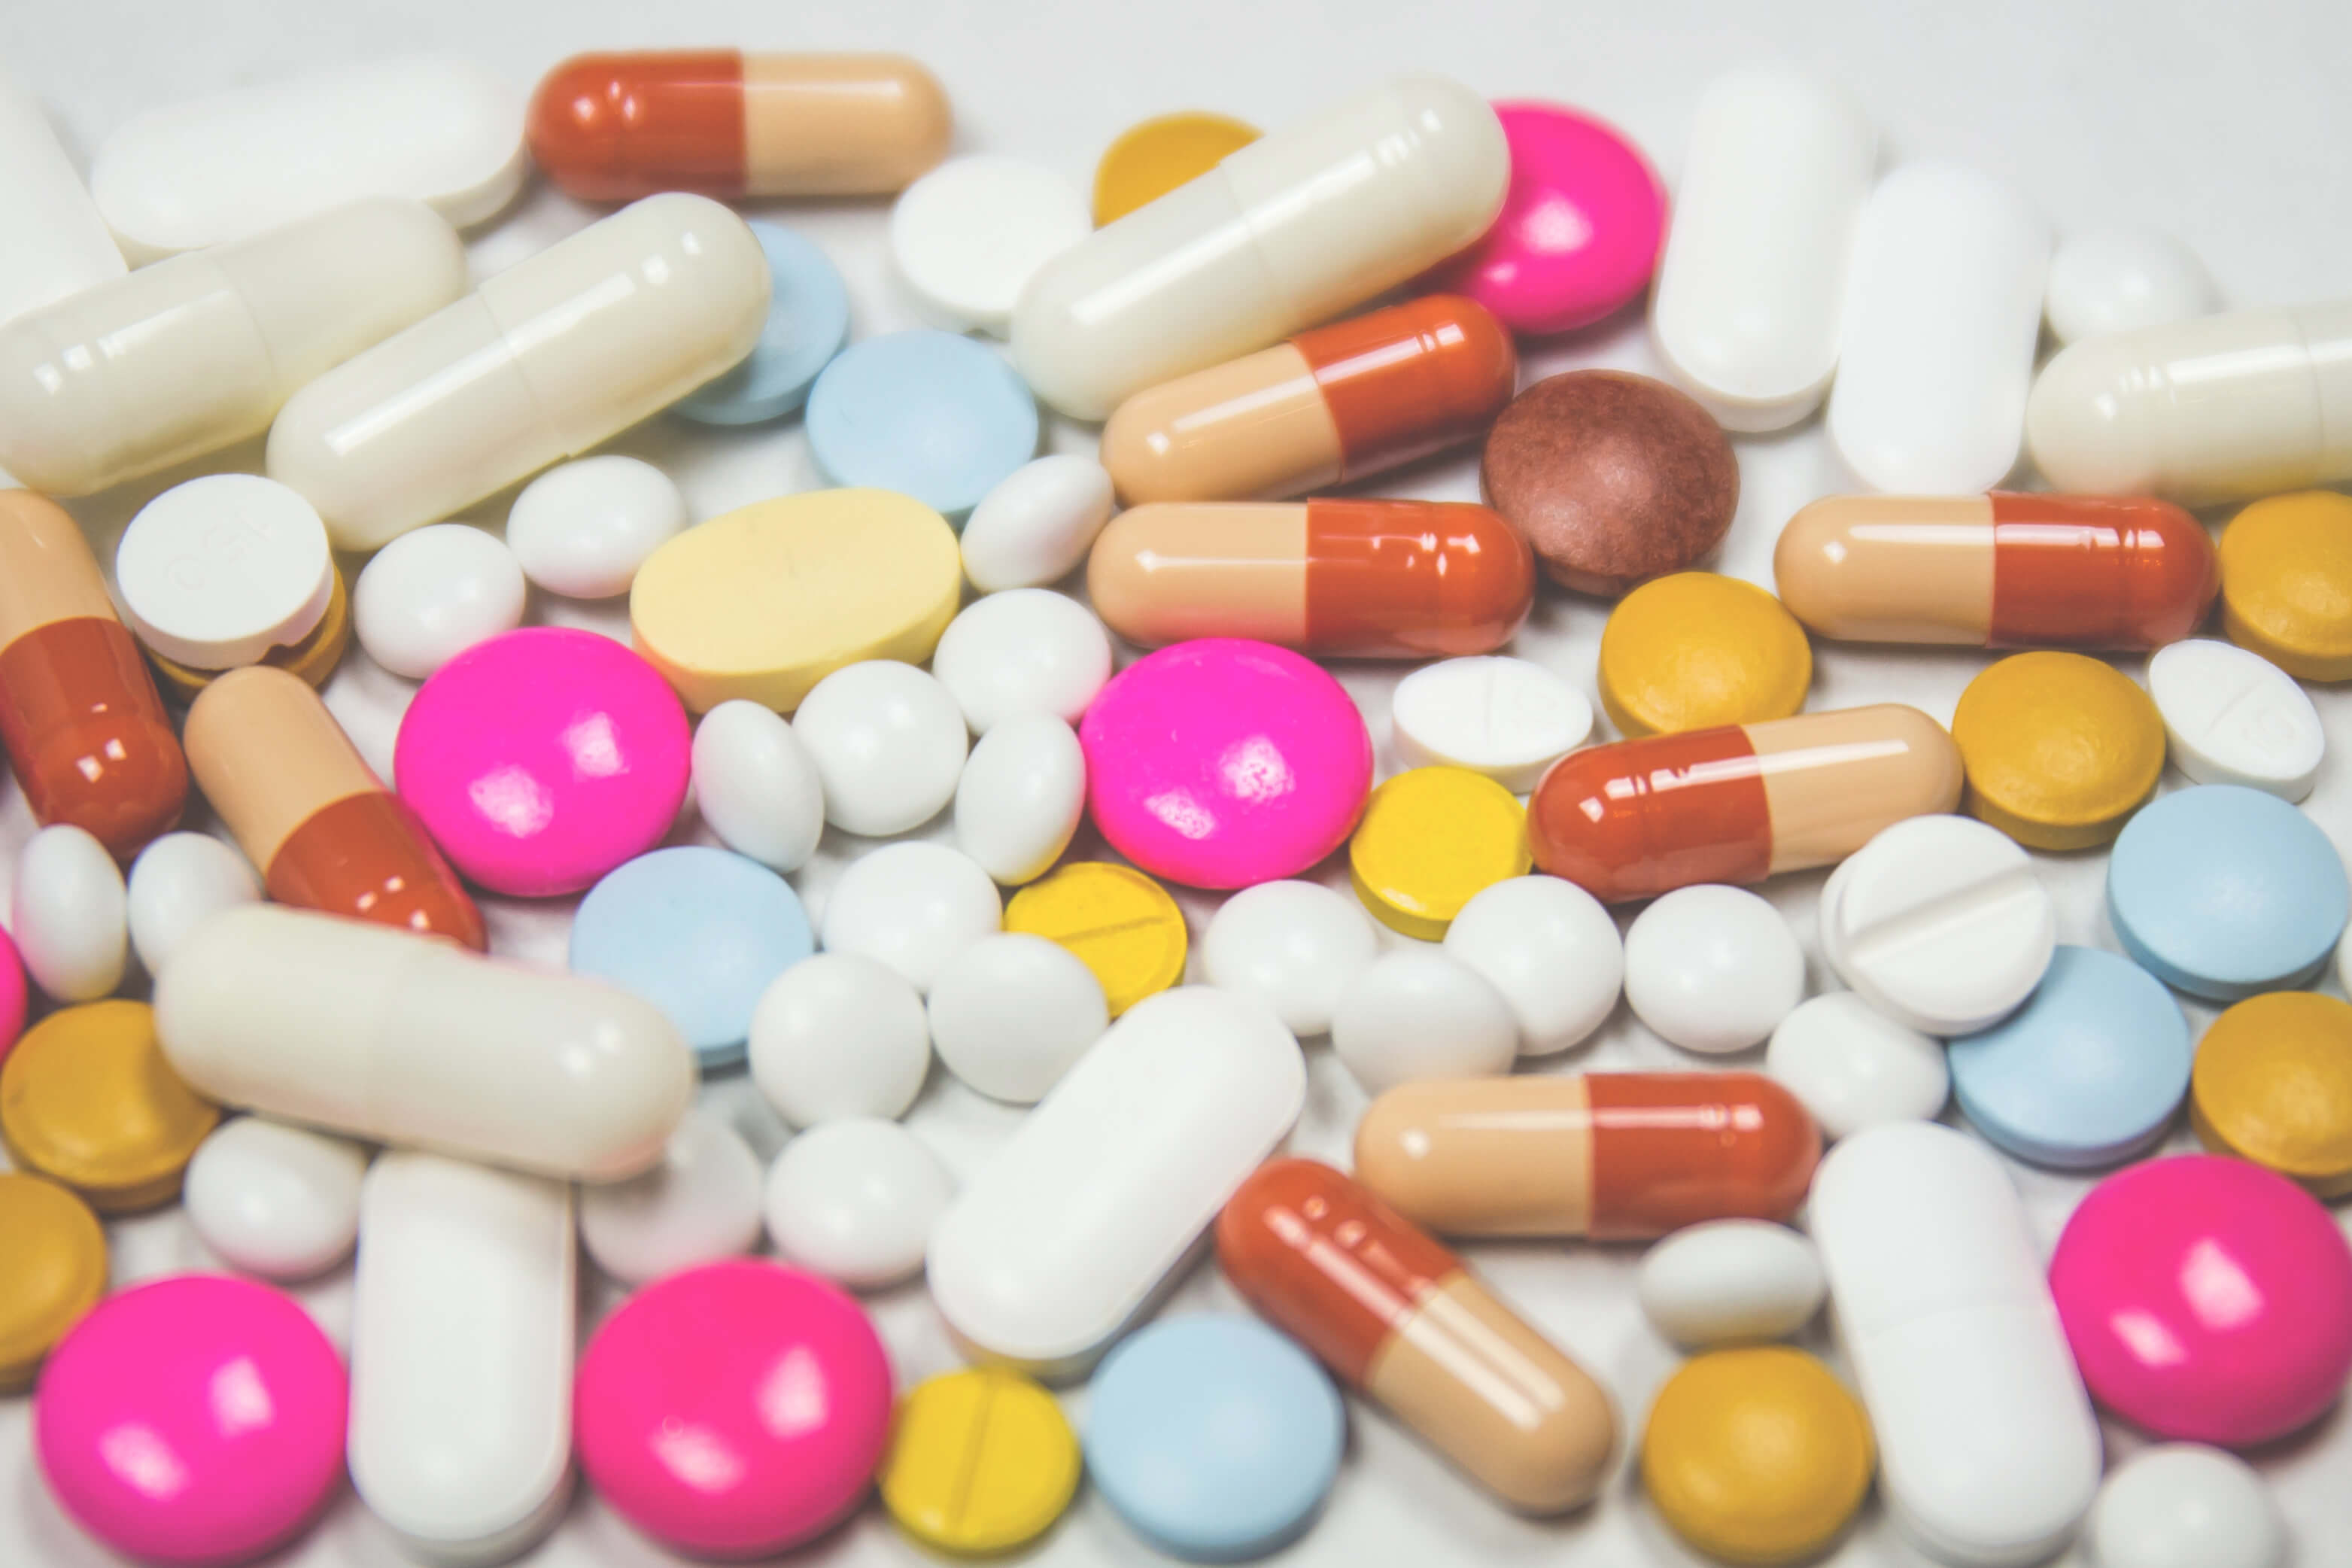 Tabletten und Kapseln liegen auf dem Tisch